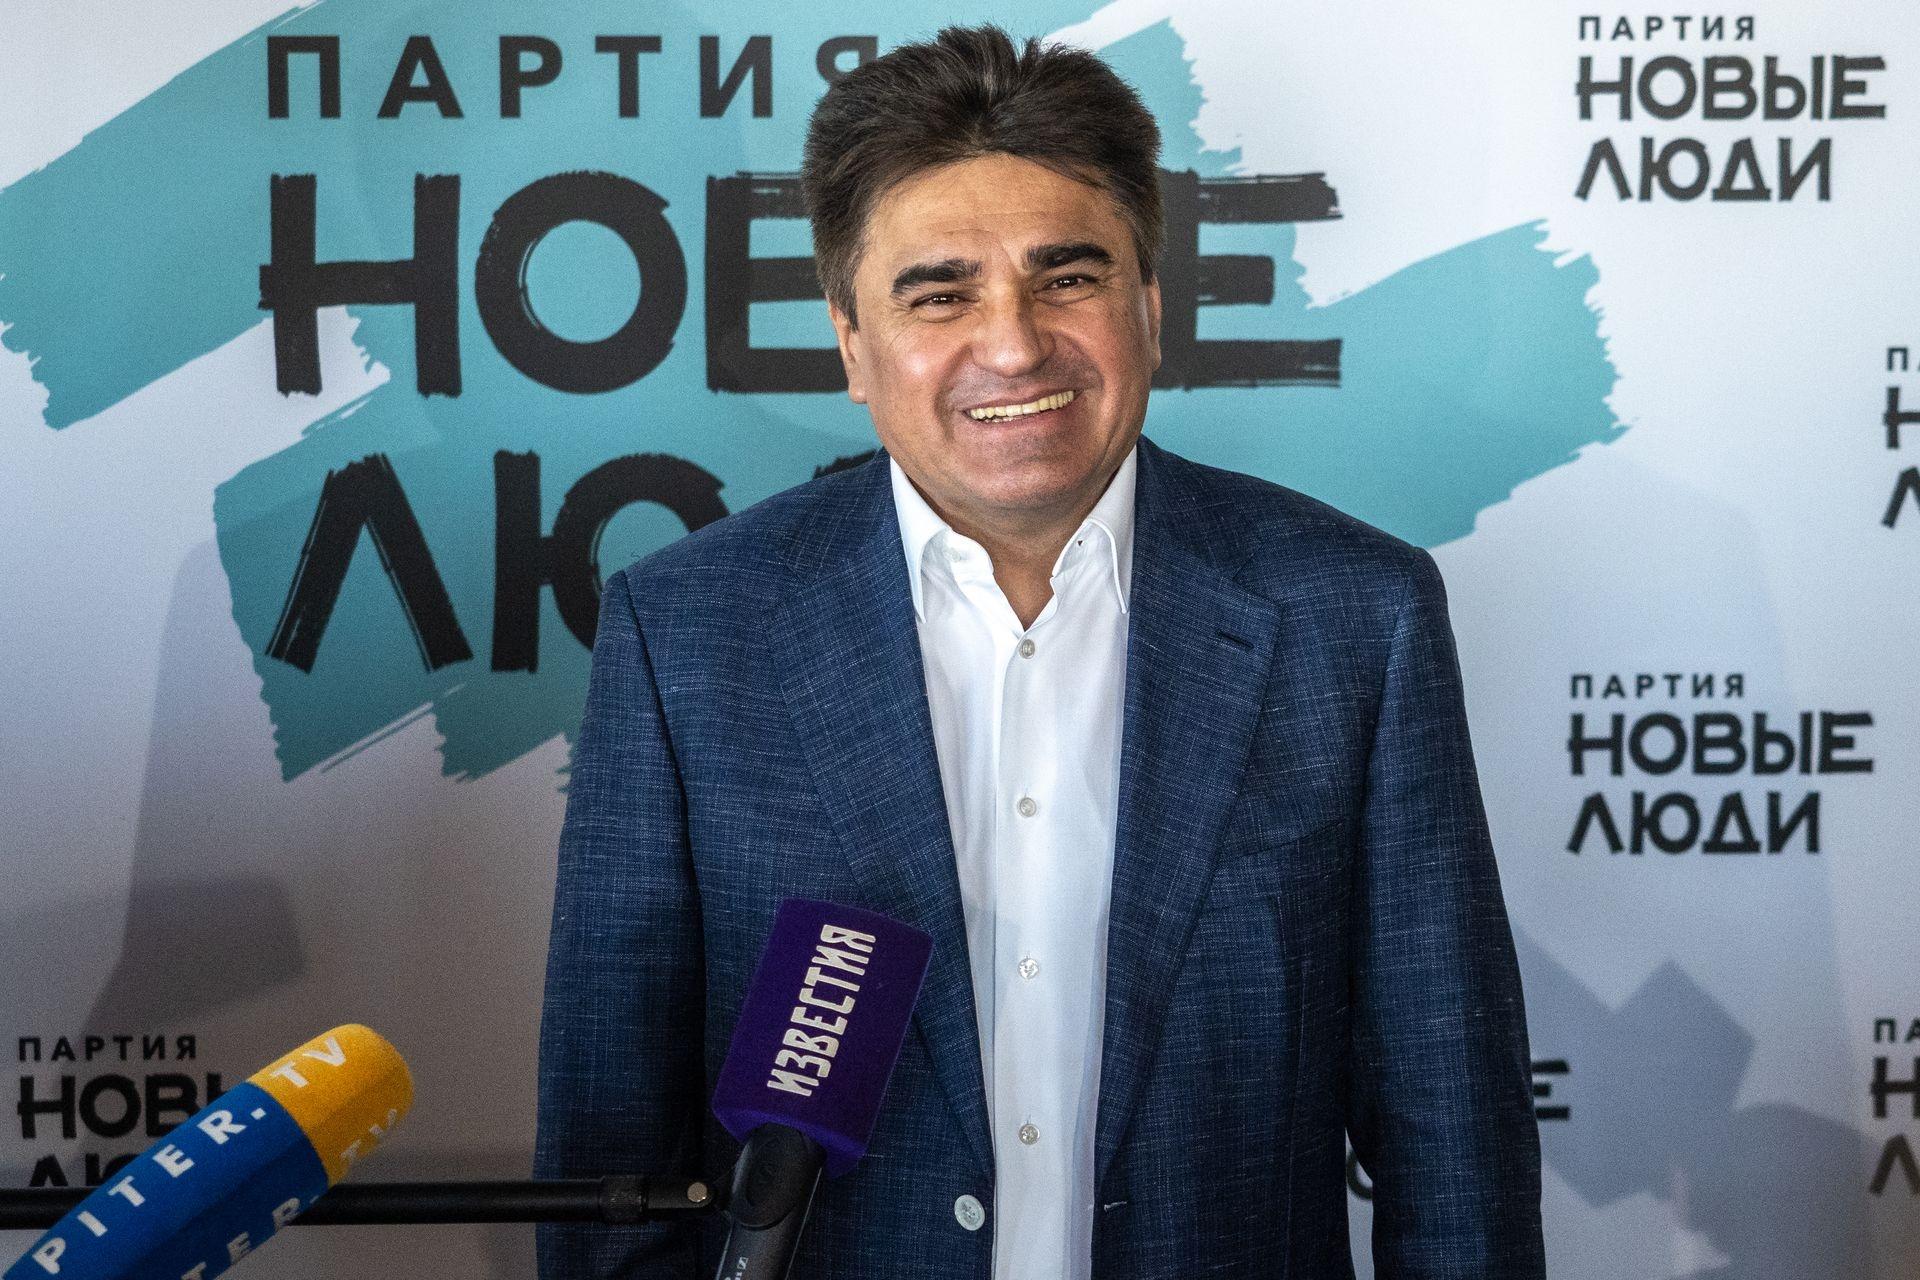 Алексей Нечаев,председатель партии «Новые люди»